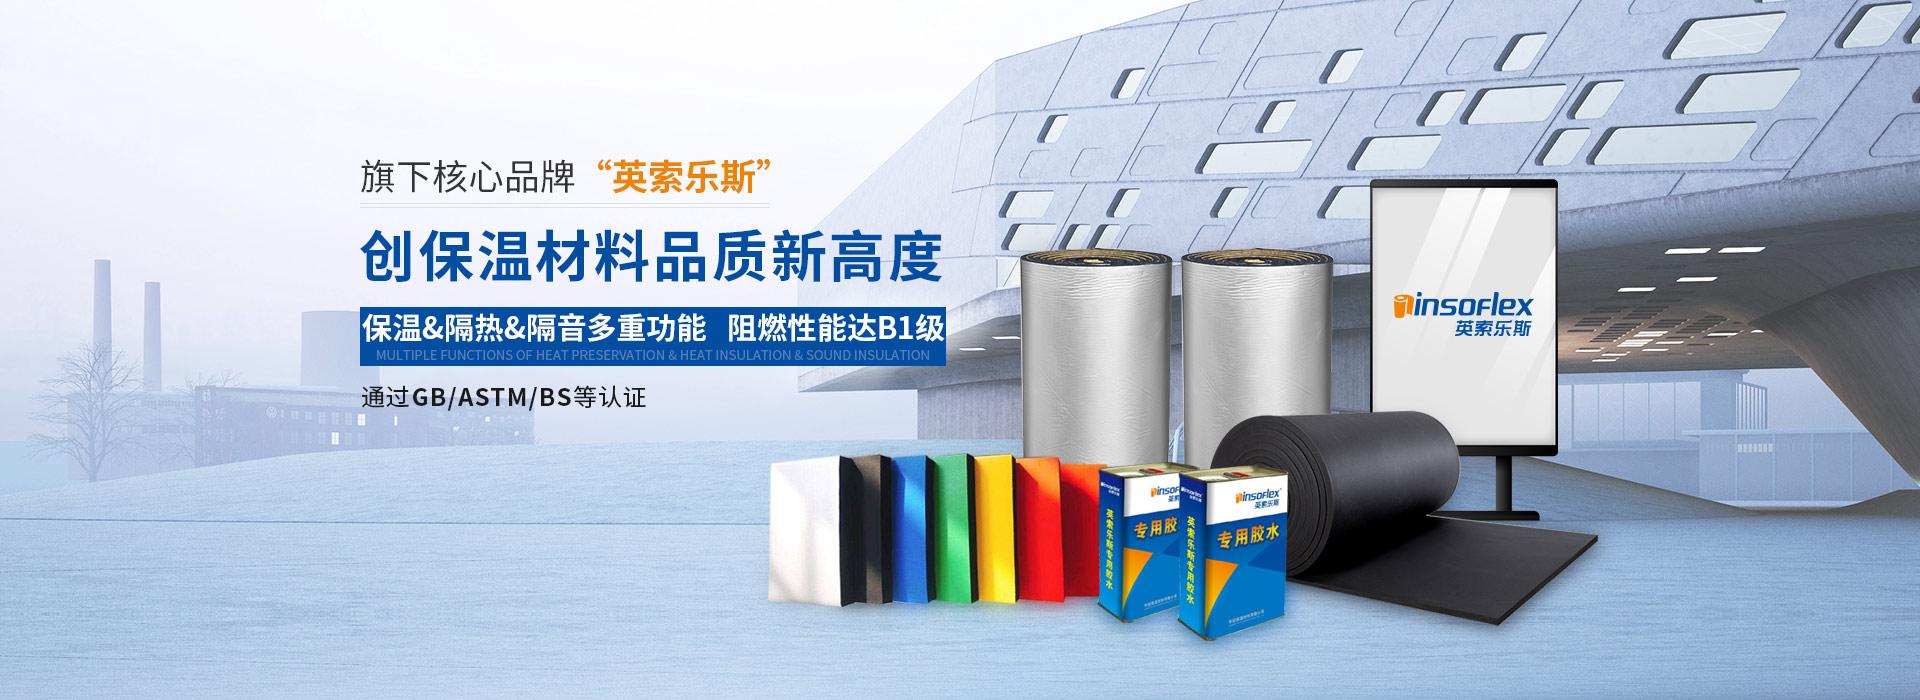 """旗下核心品牌""""英索乐斯""""   创保温材料品质新高度 保温&隔热&隔音多重功能   阻燃性能达B1级"""